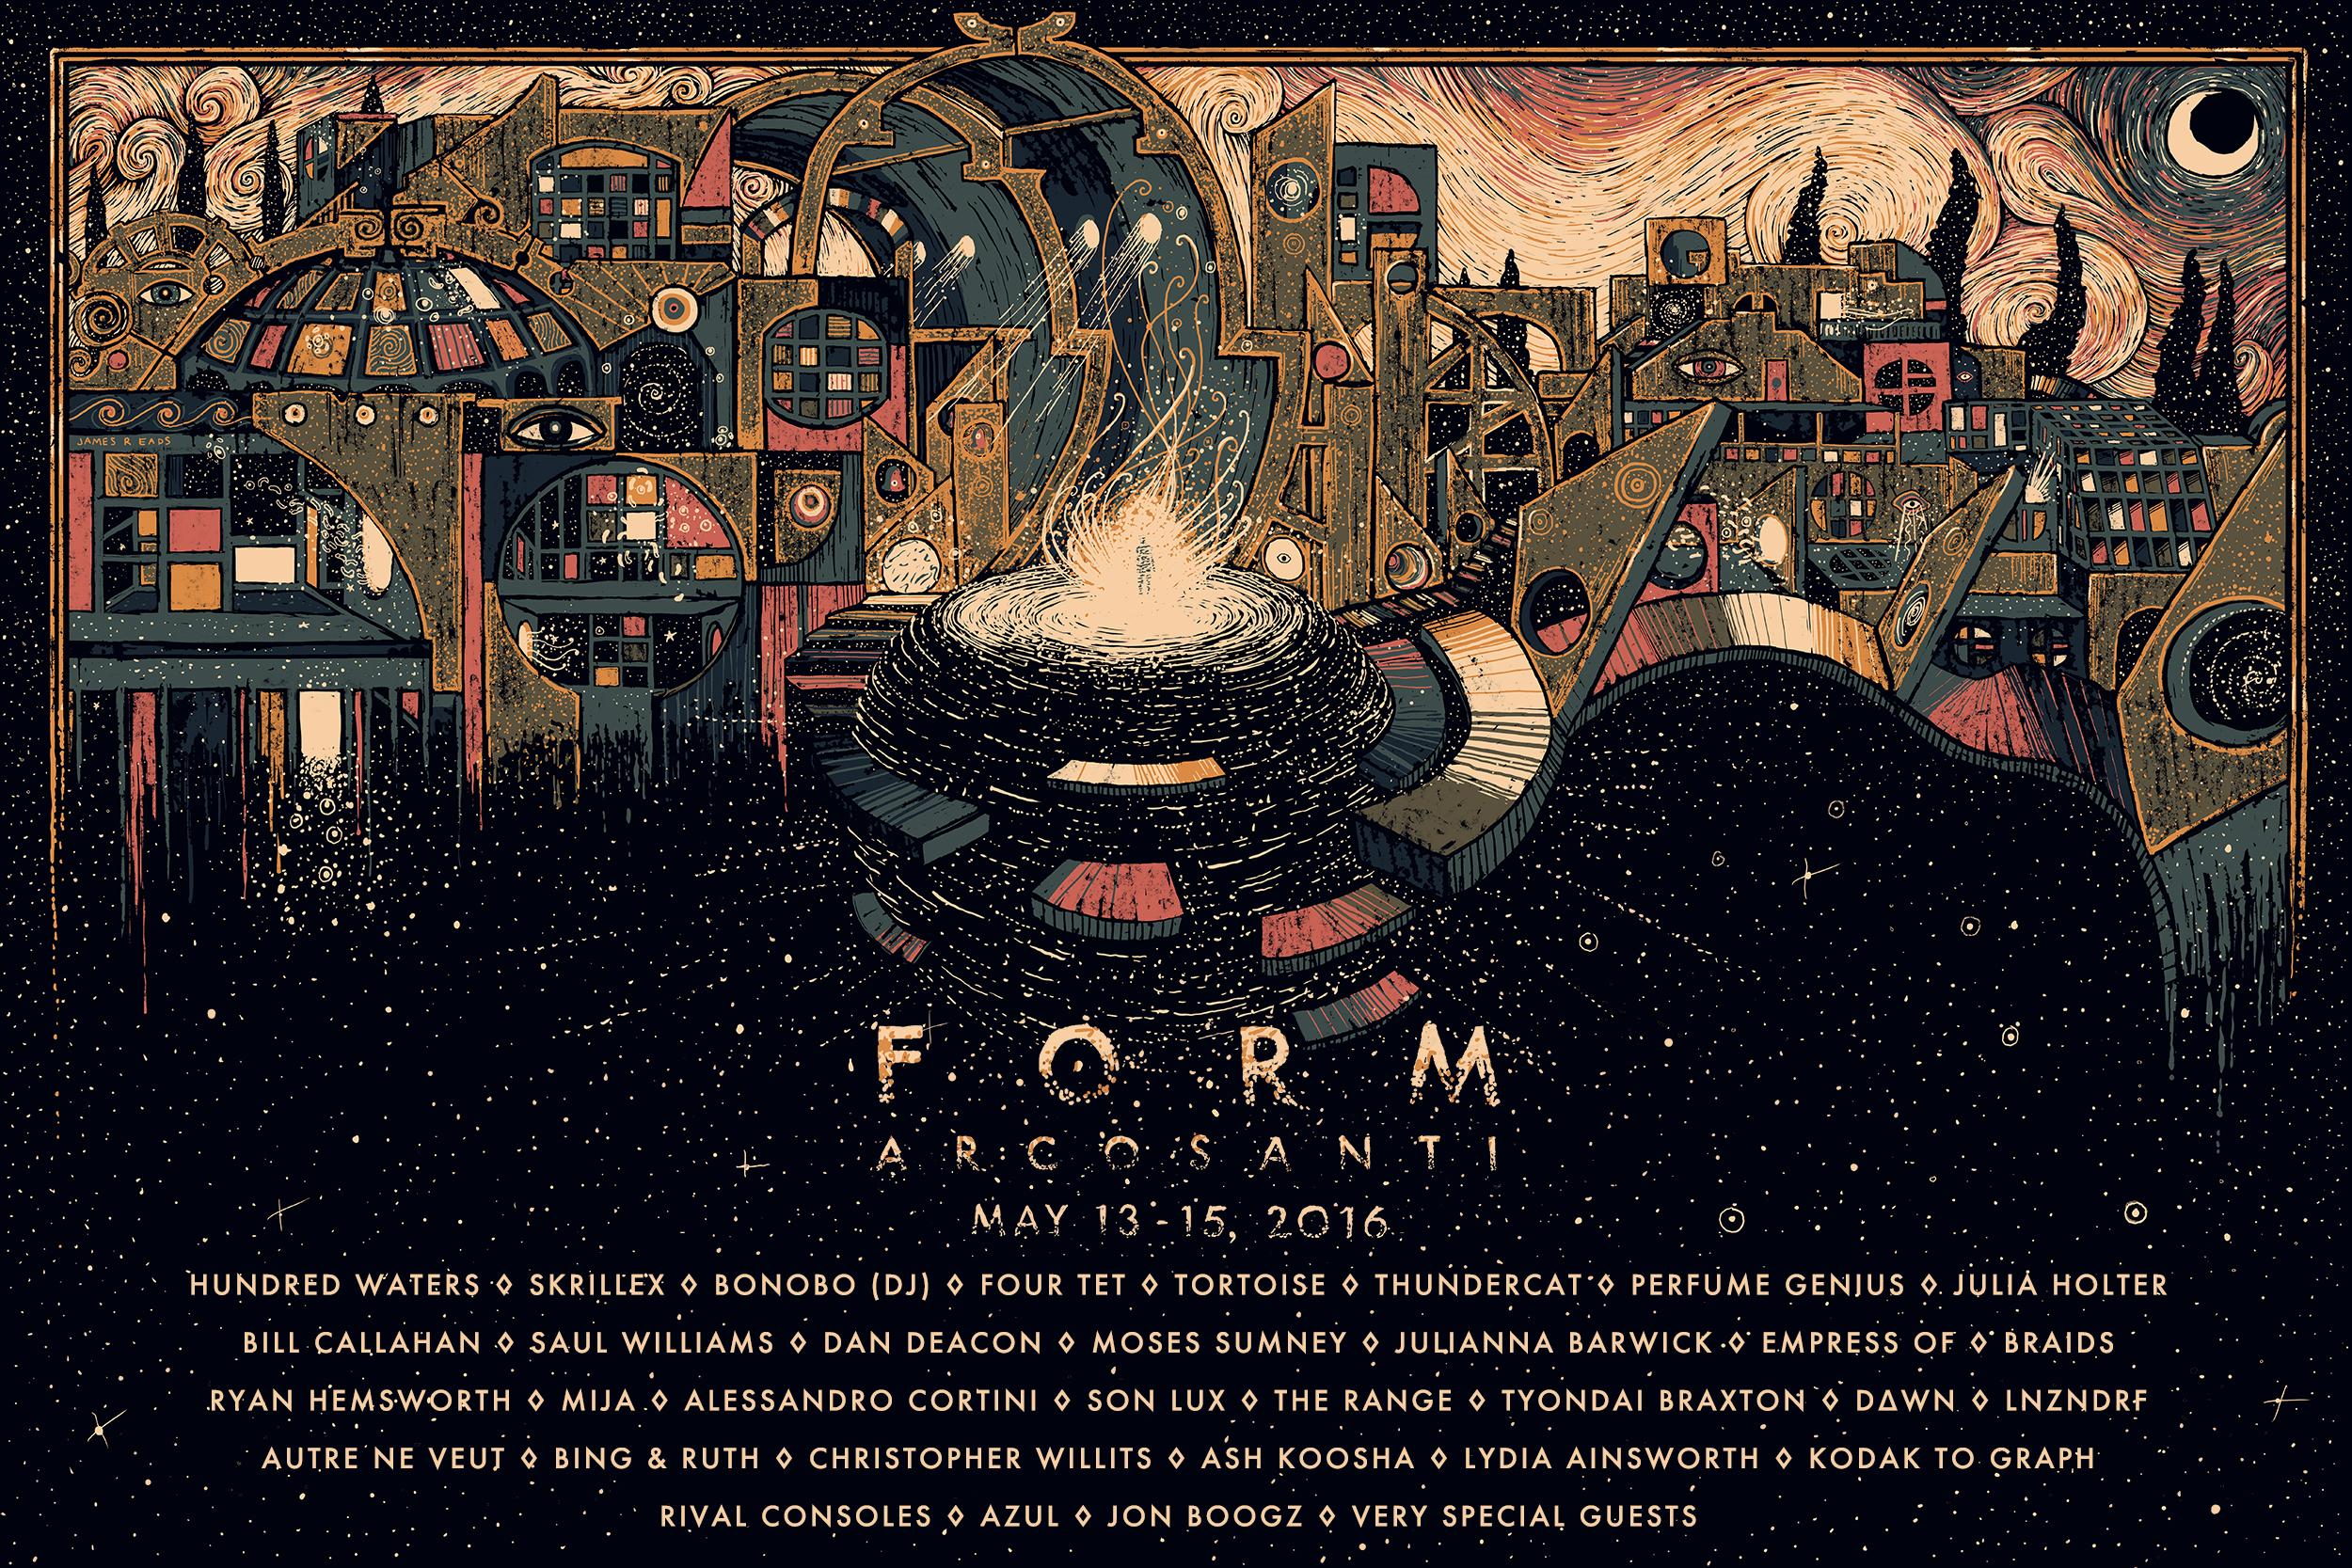 Form Acrosanti 2016 lineup